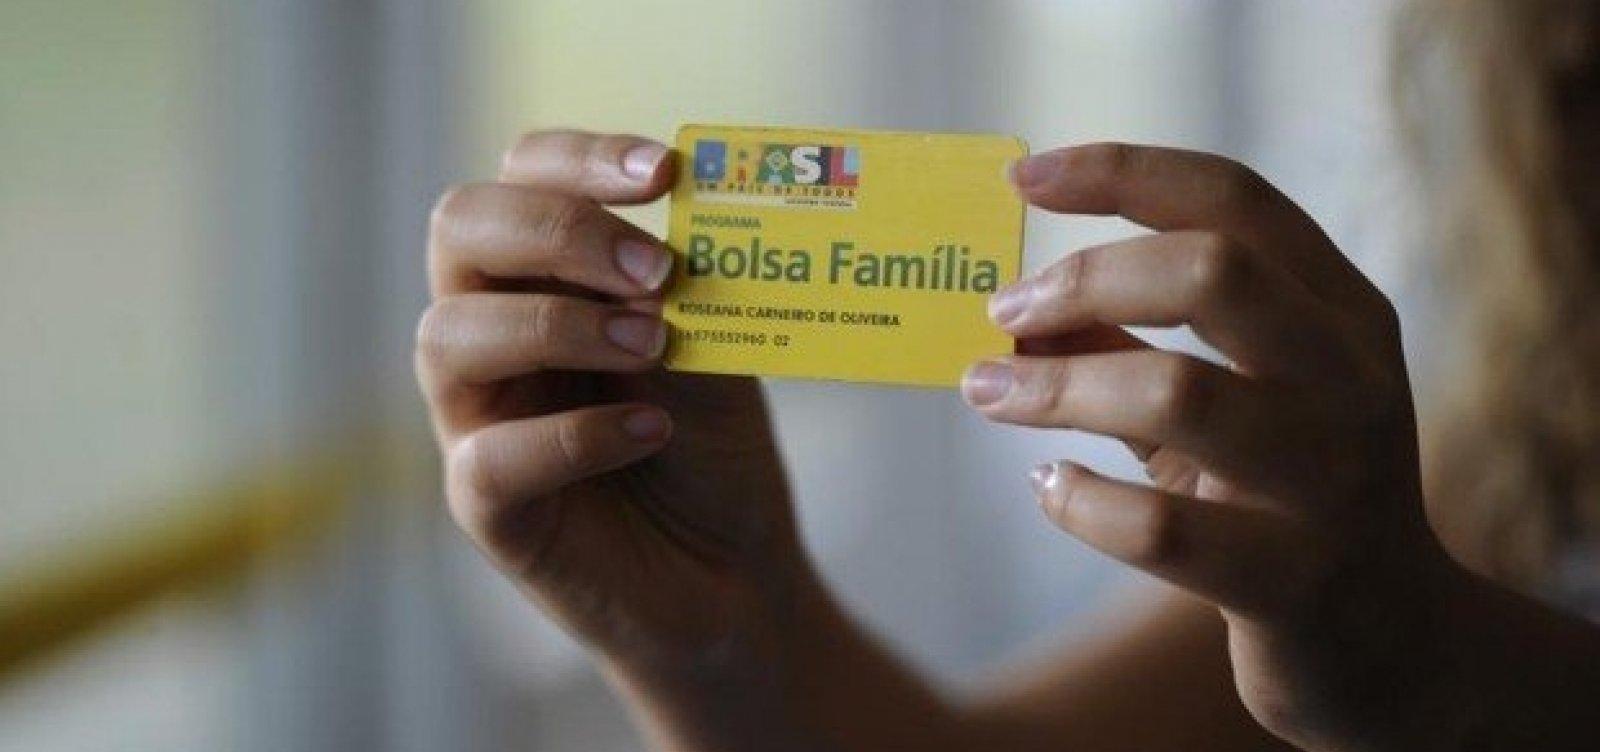 [Governo pode mudar nome do Bolsa Família e destinar benefício a crianças]